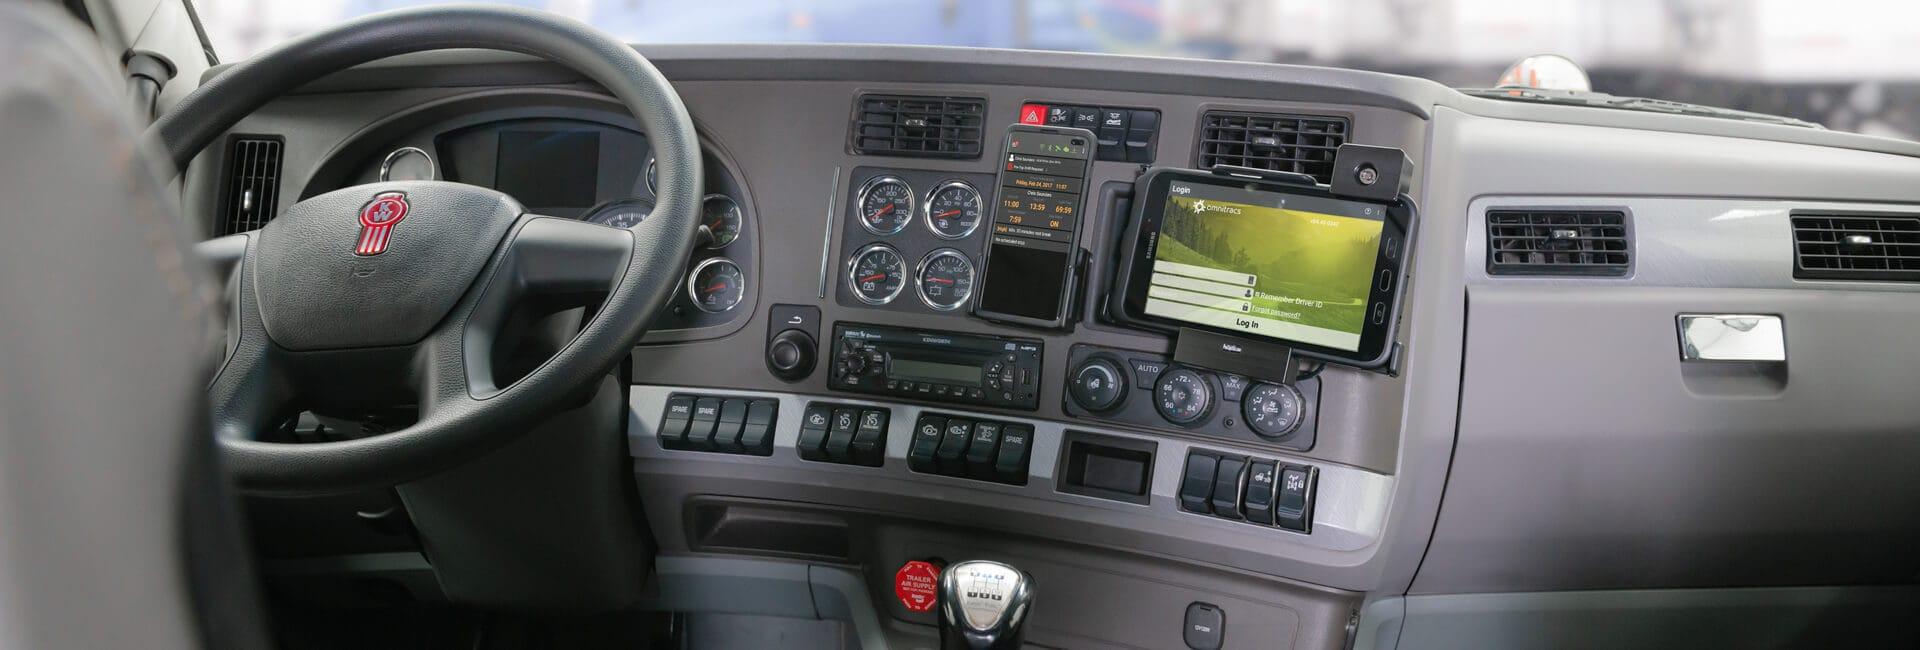 Samsung Geräte mit Brodit Halter in einem Lastwagen